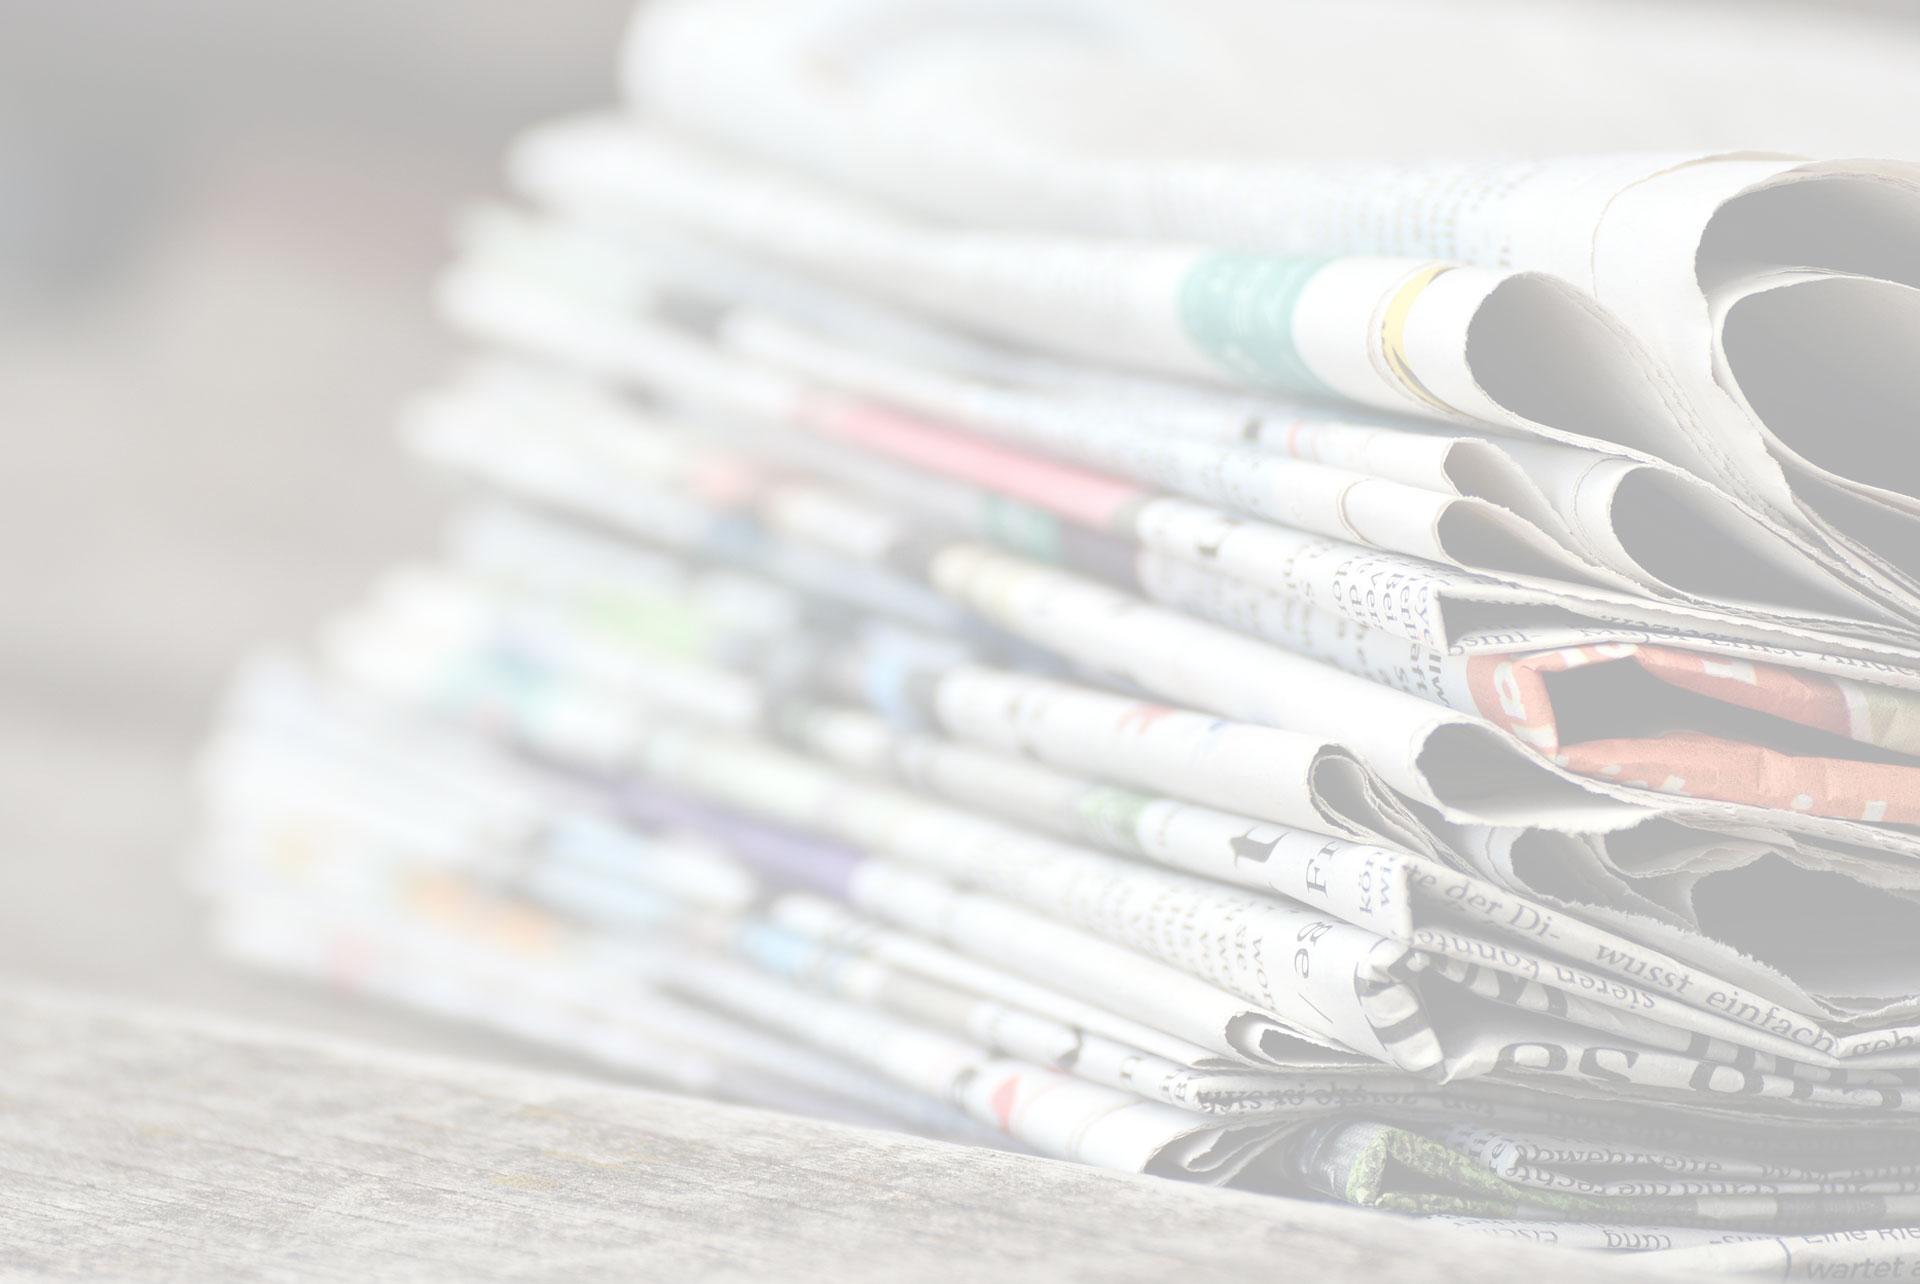 Manovra: al via vertice a Palazzo Chigi per cercare intesa (2)